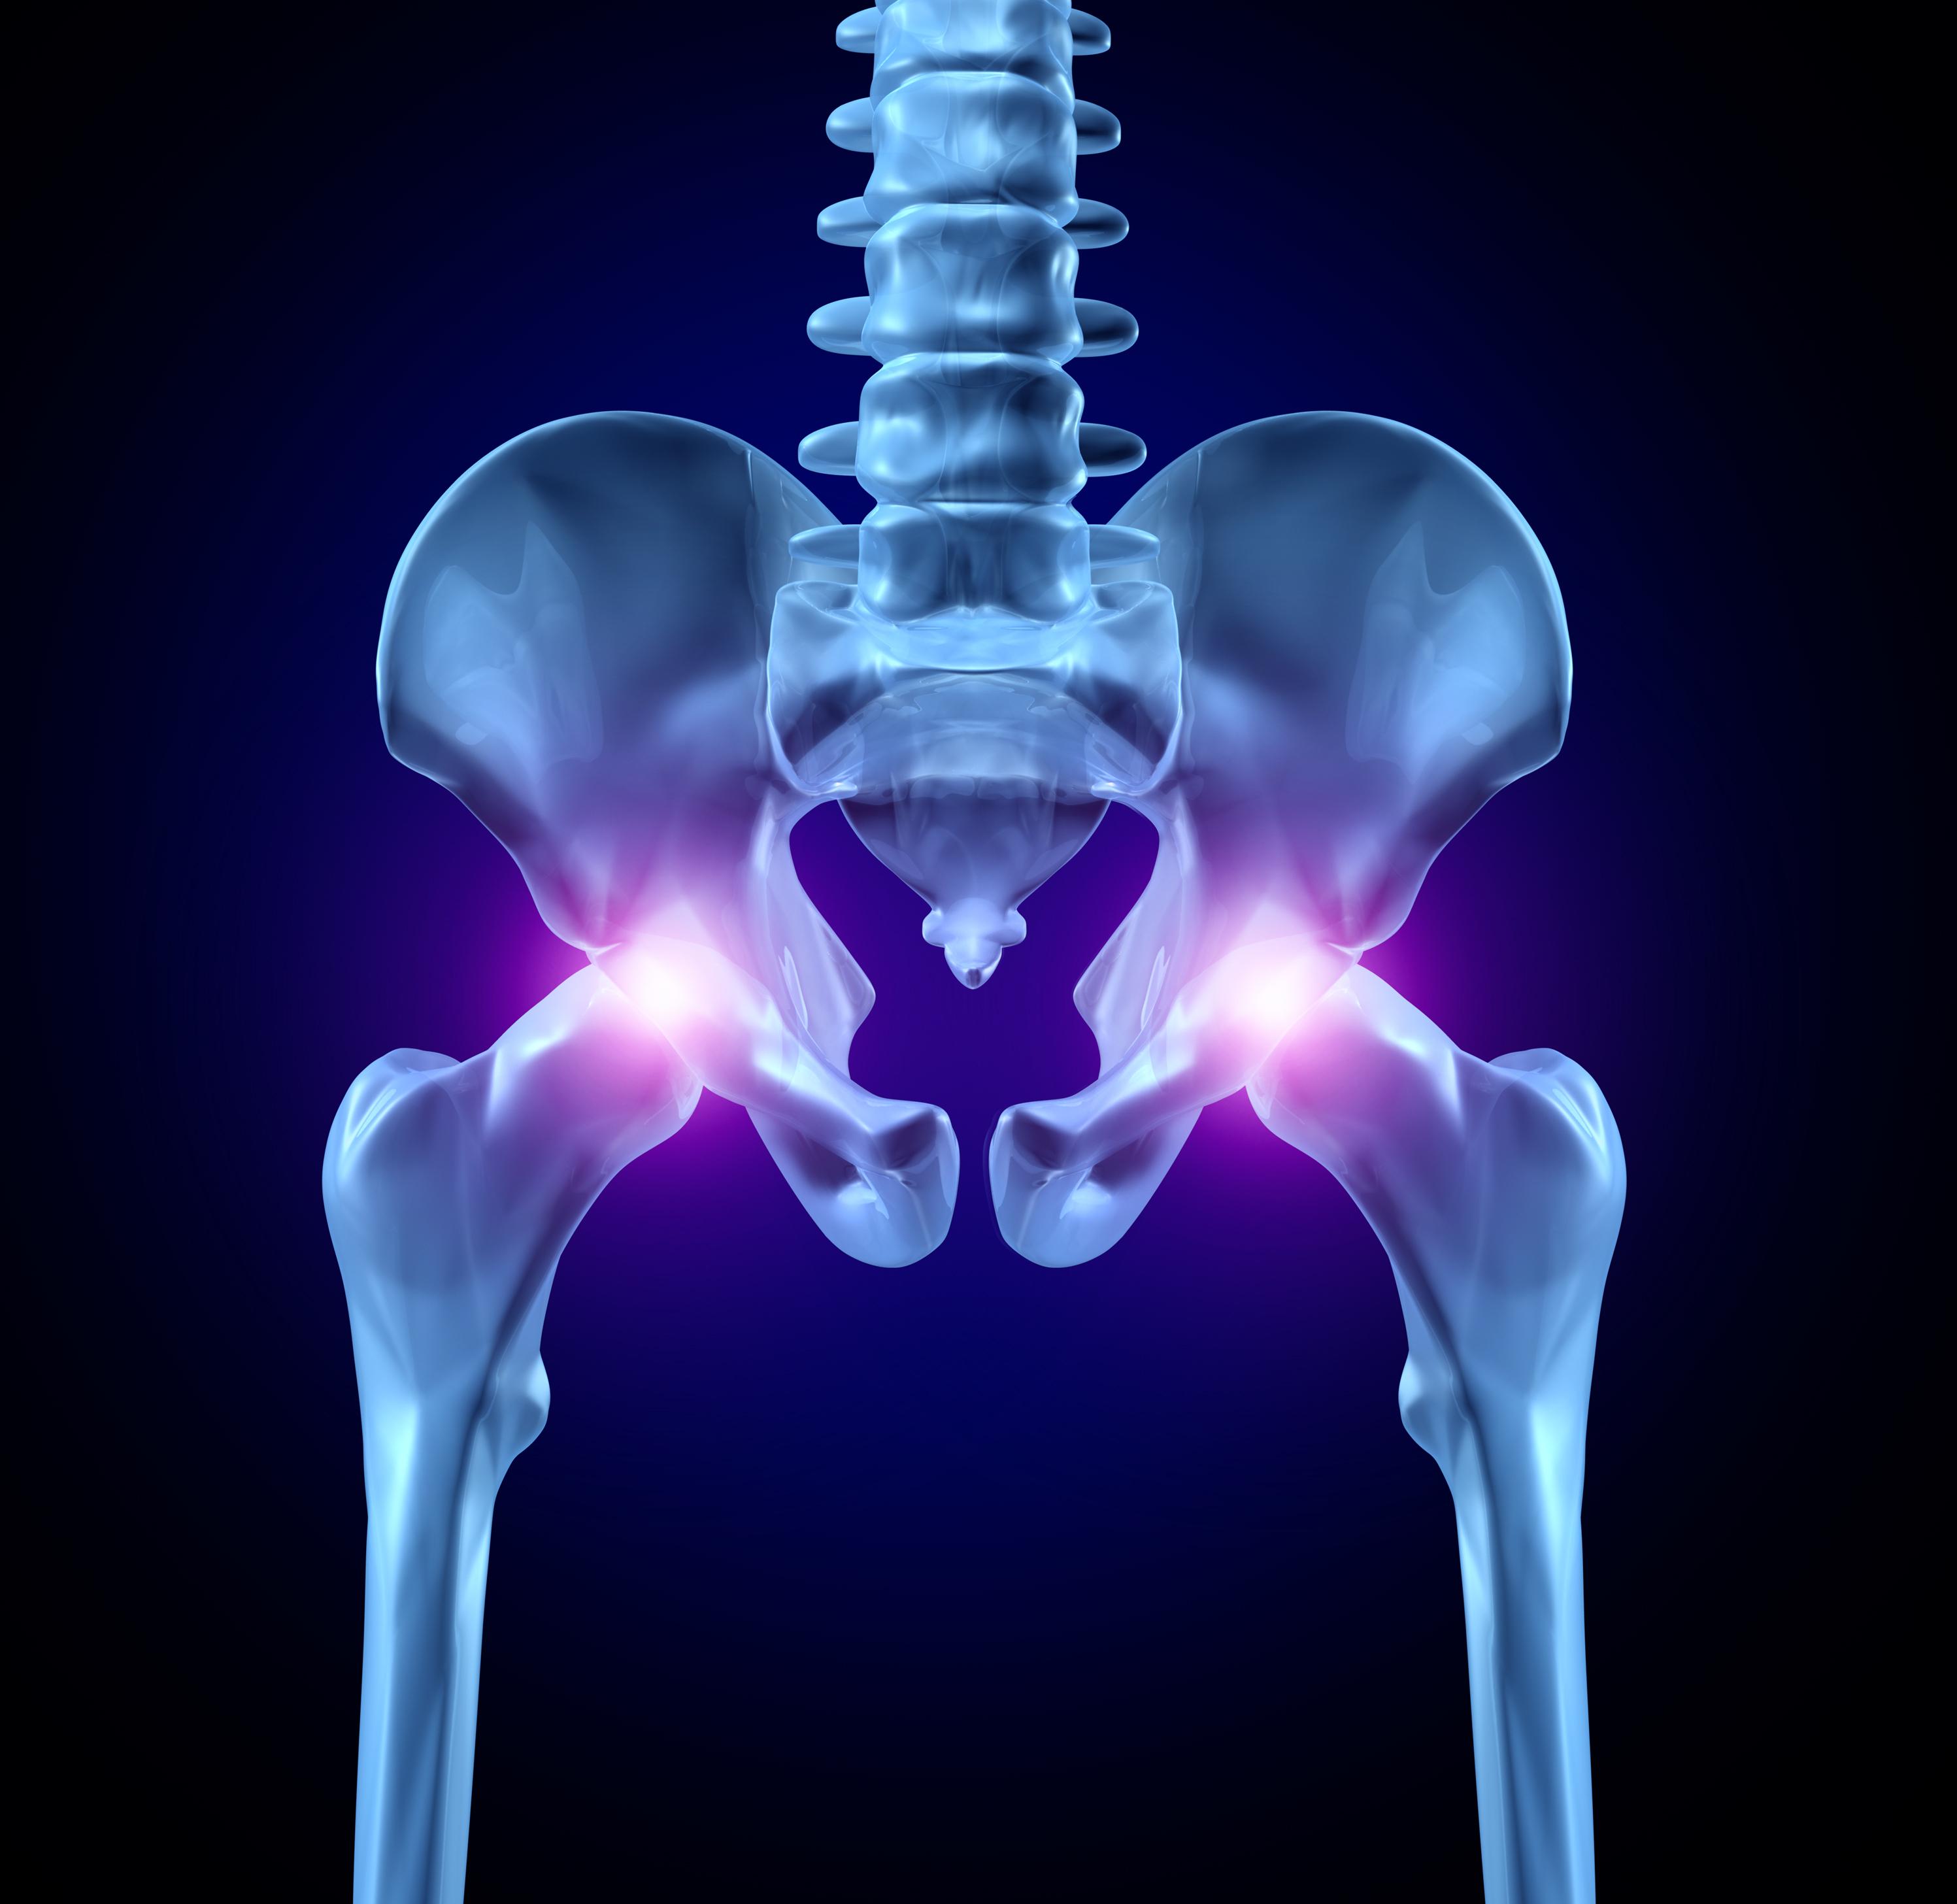 tratament eficient pentru artroza articulației șoldului inflamația gleznei este